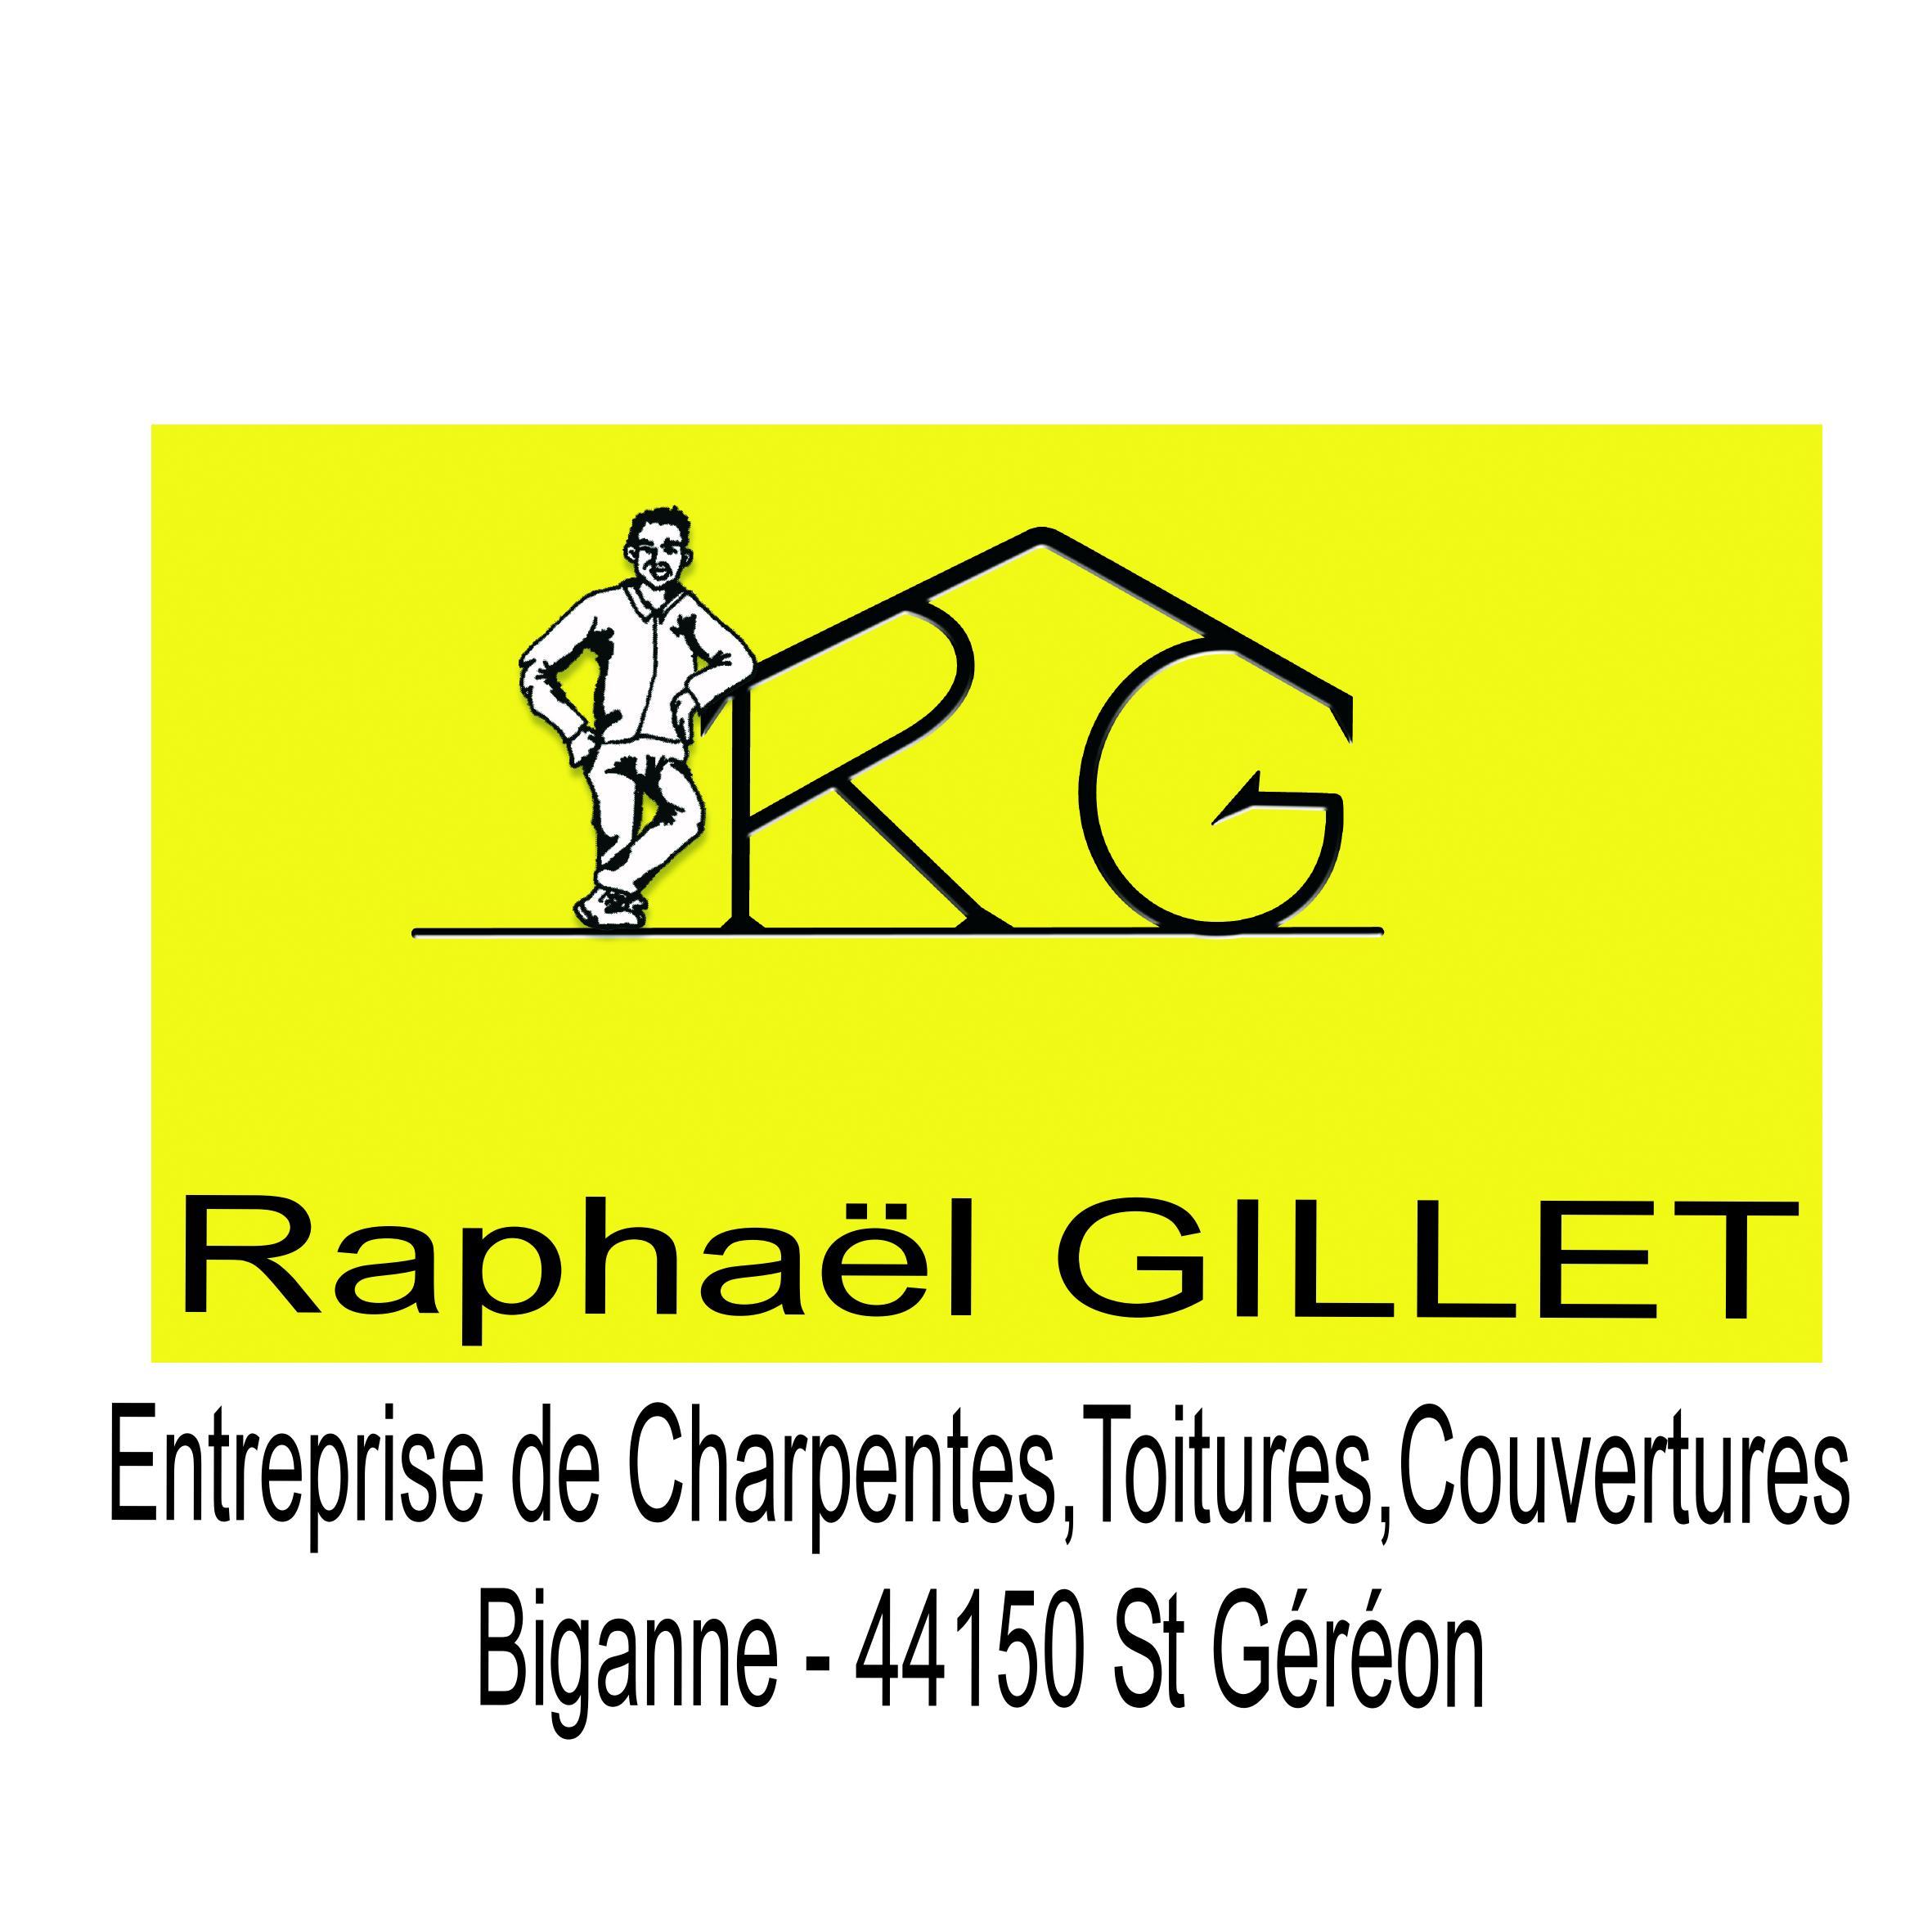 Raphael Gillet